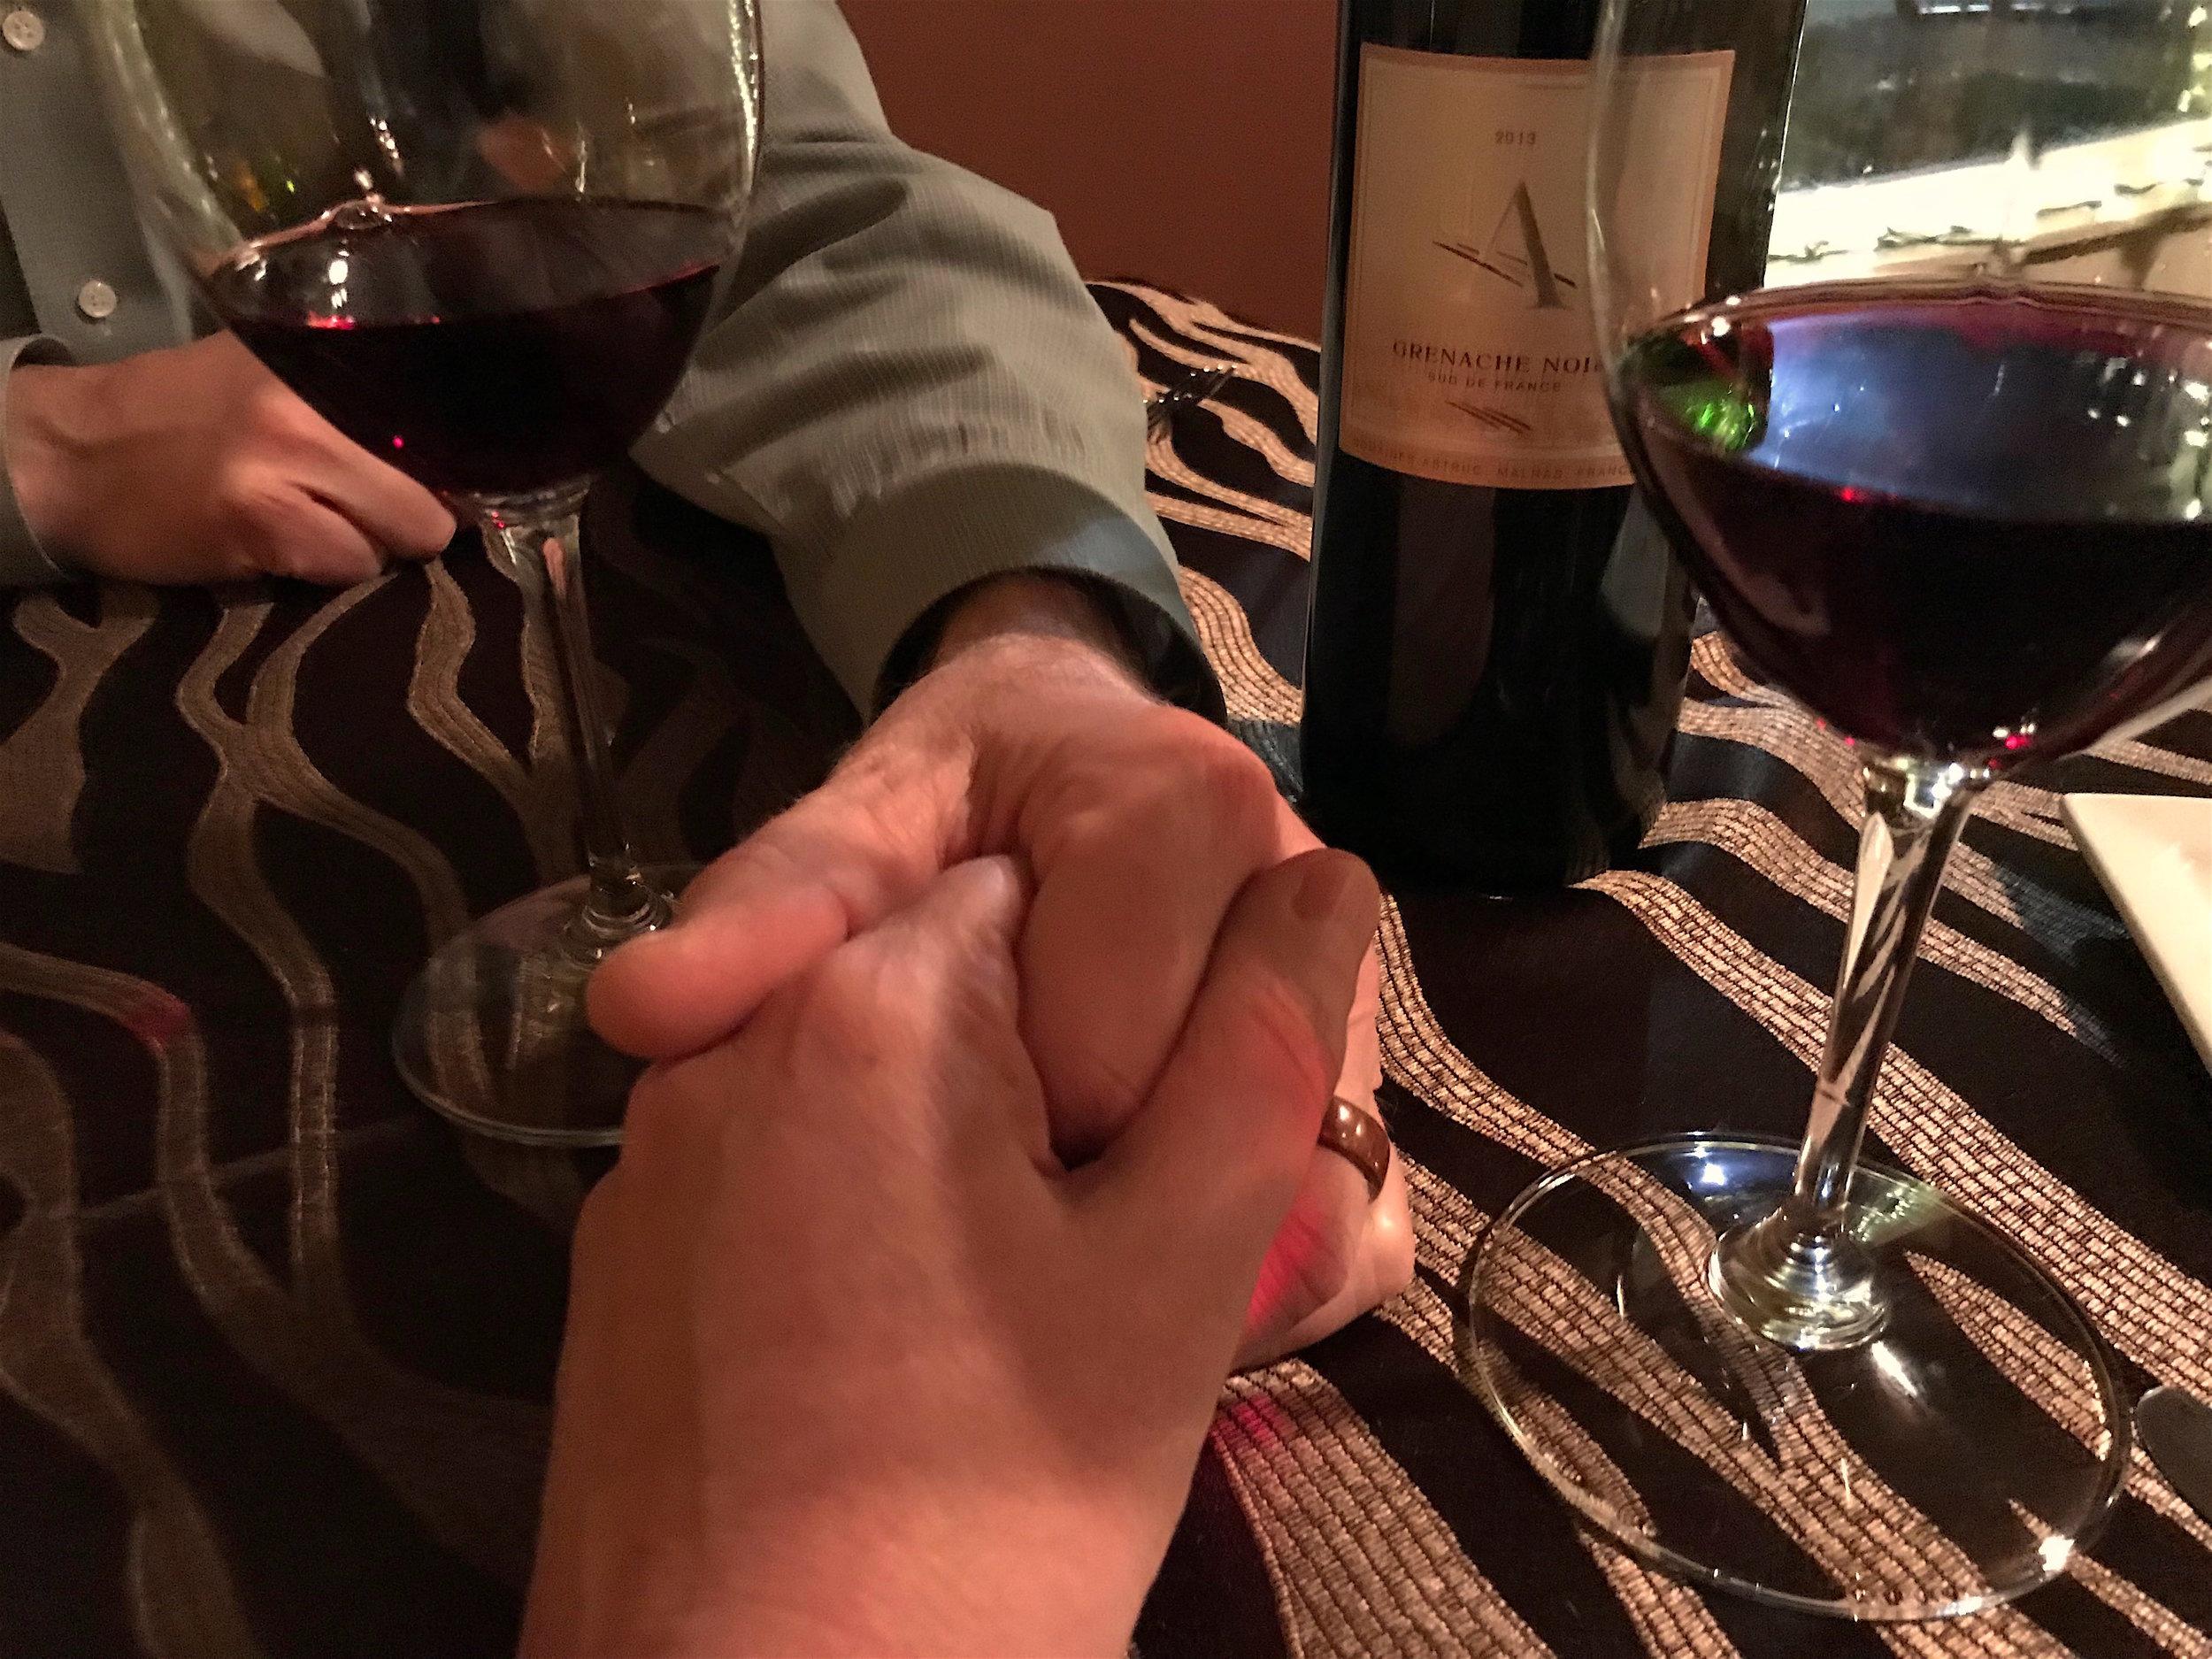 Romantic Dinner for Two at COHO Restaurant